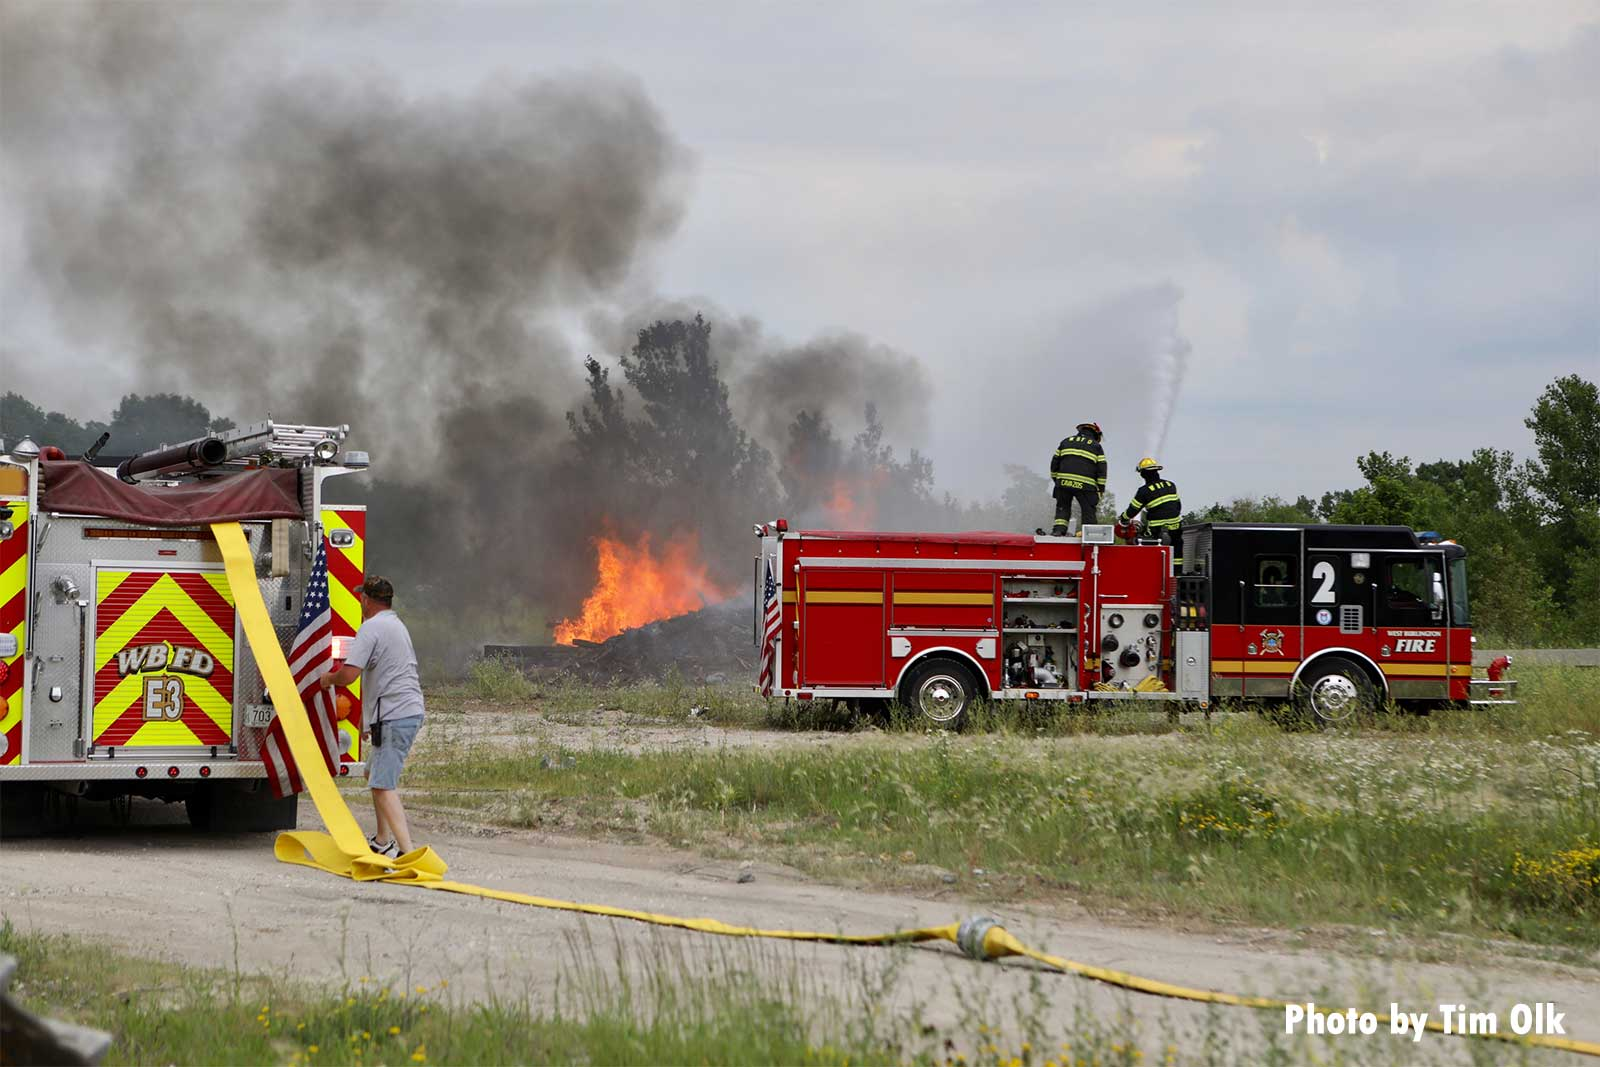 Fire apparatus at the scene of a rubbish fire in Iowa